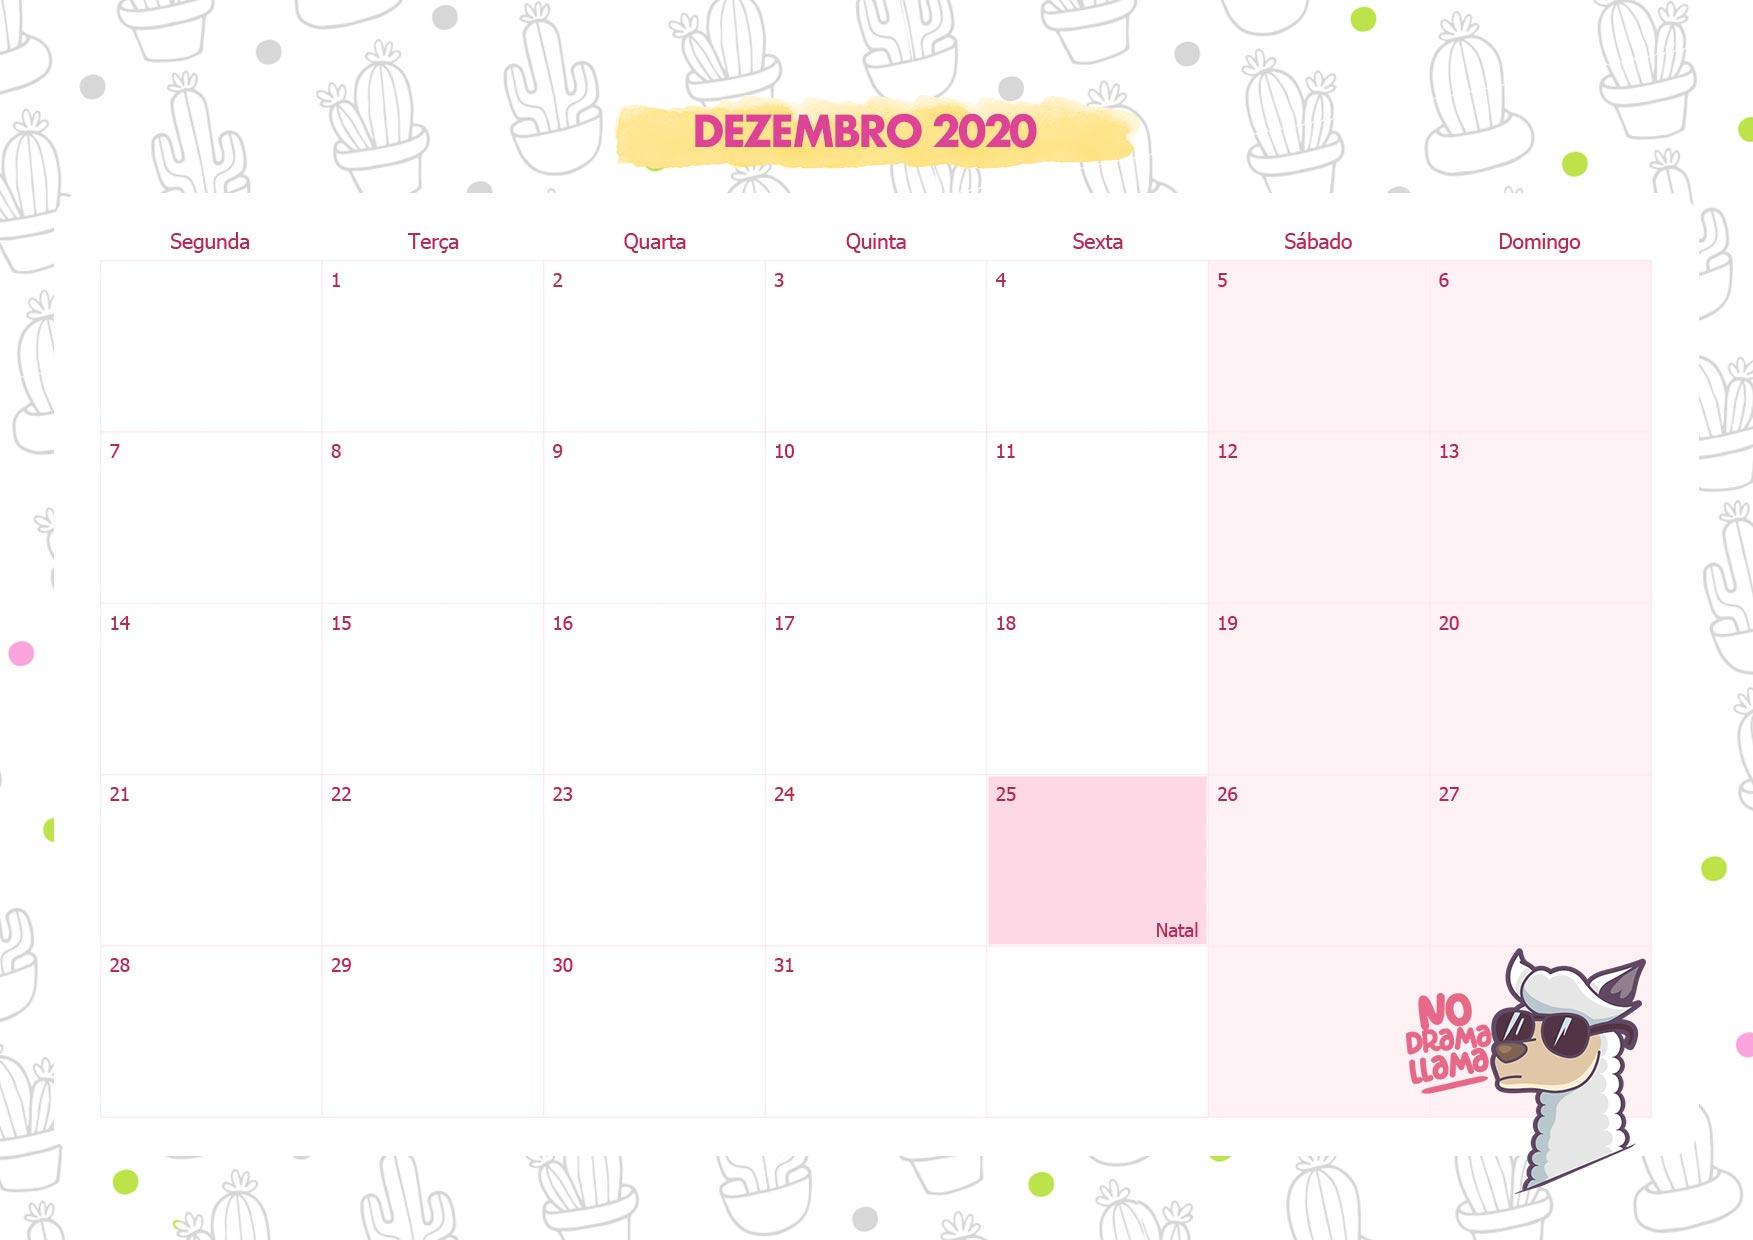 Calendario Mensal No Drama Lhama Dezembro 2020 - Fazendo a ...